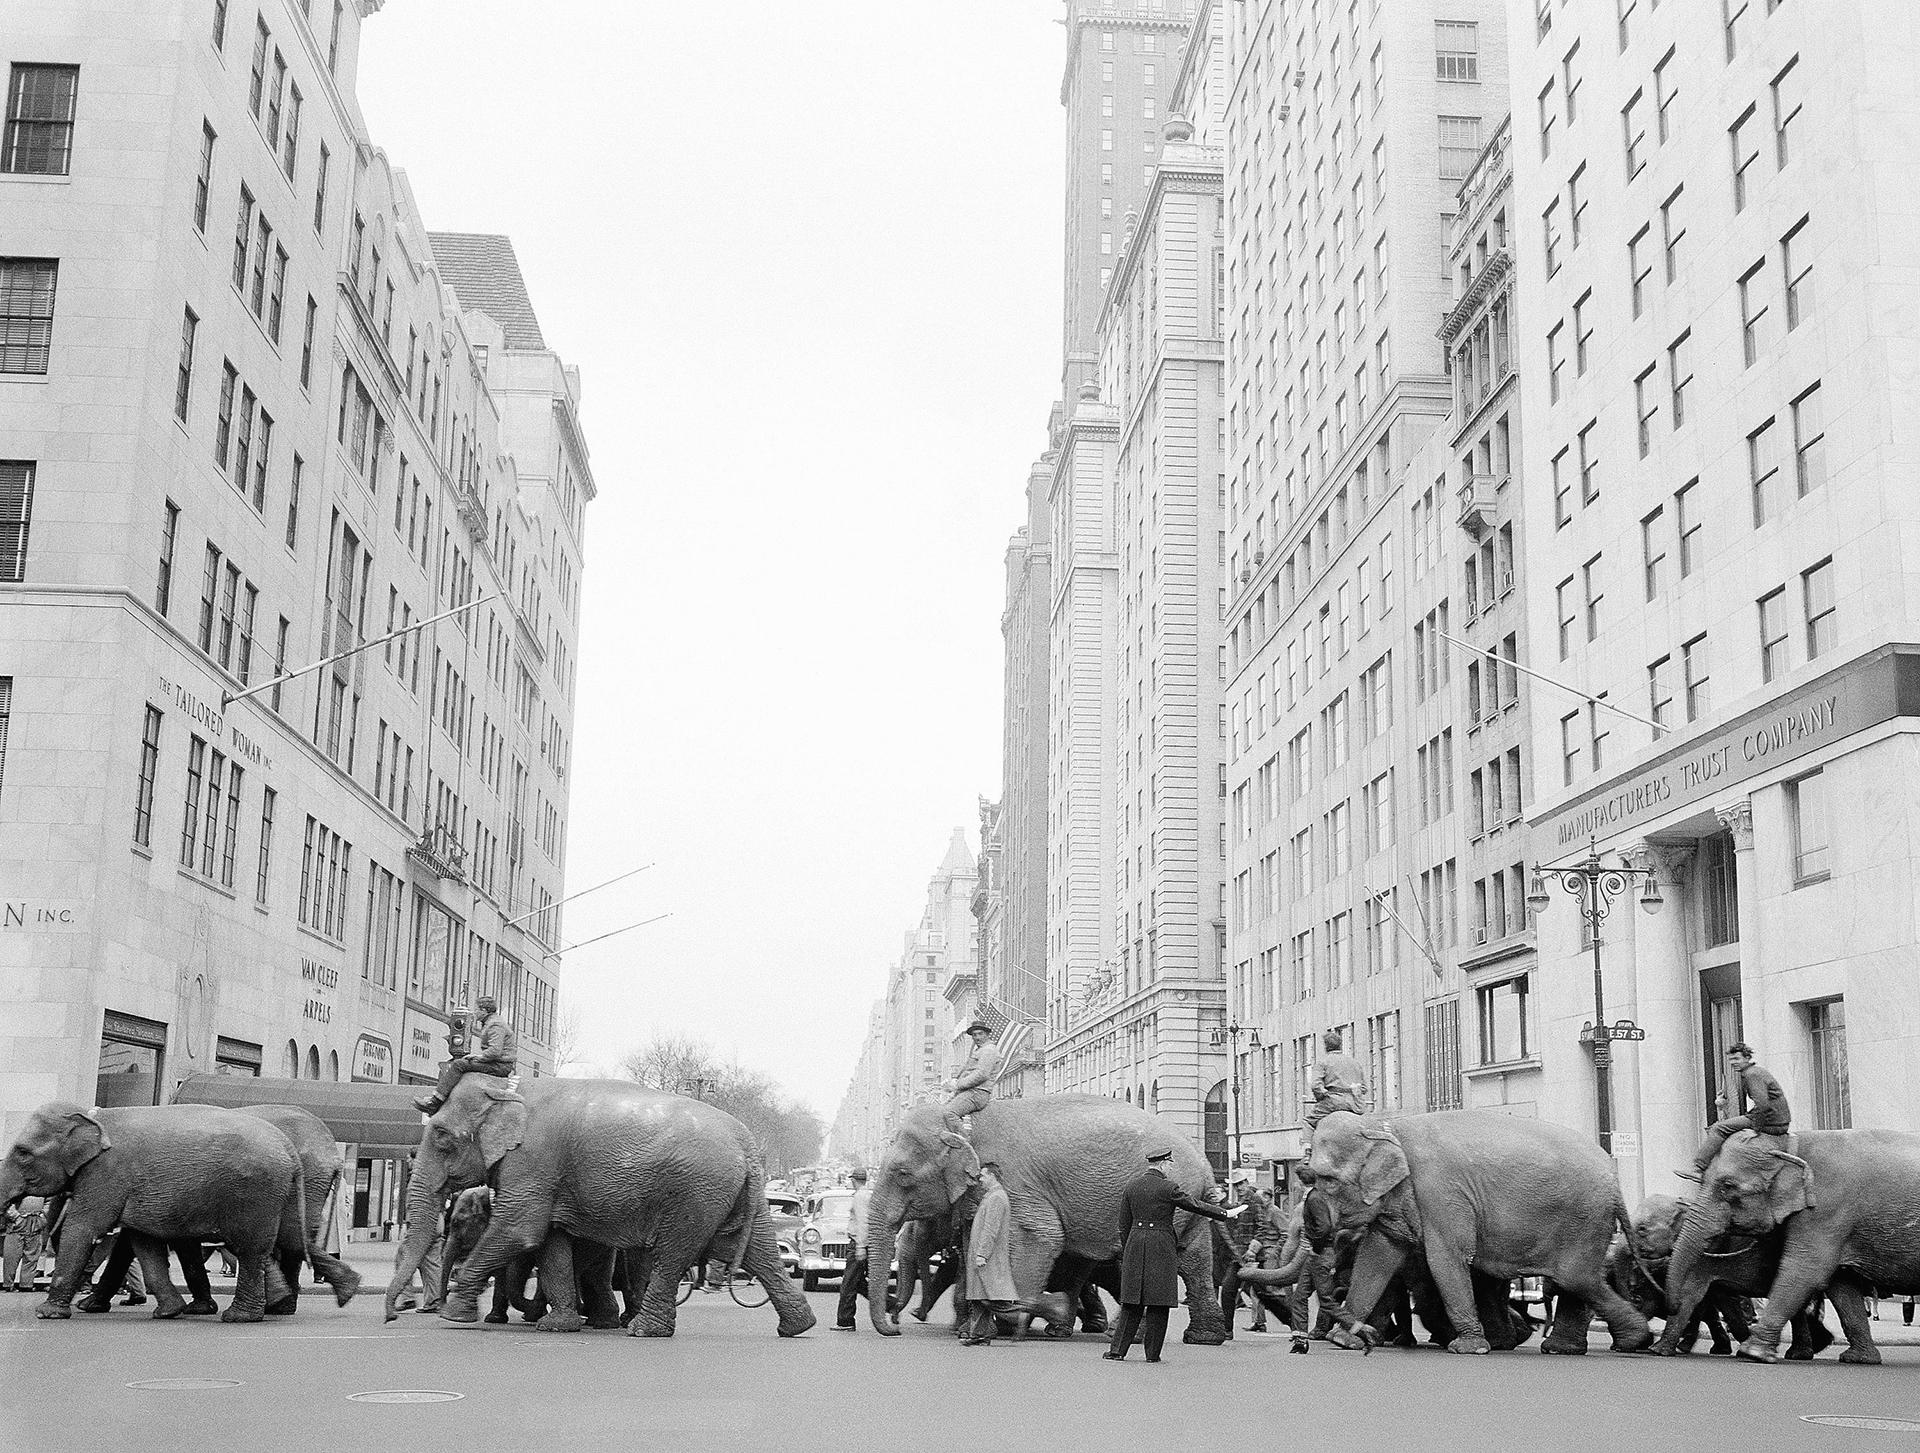 Un desfile de elefantes anuncia la llegada del Ringling Bros. and Barnum & Bailey a Nueva York en 1955(AP)